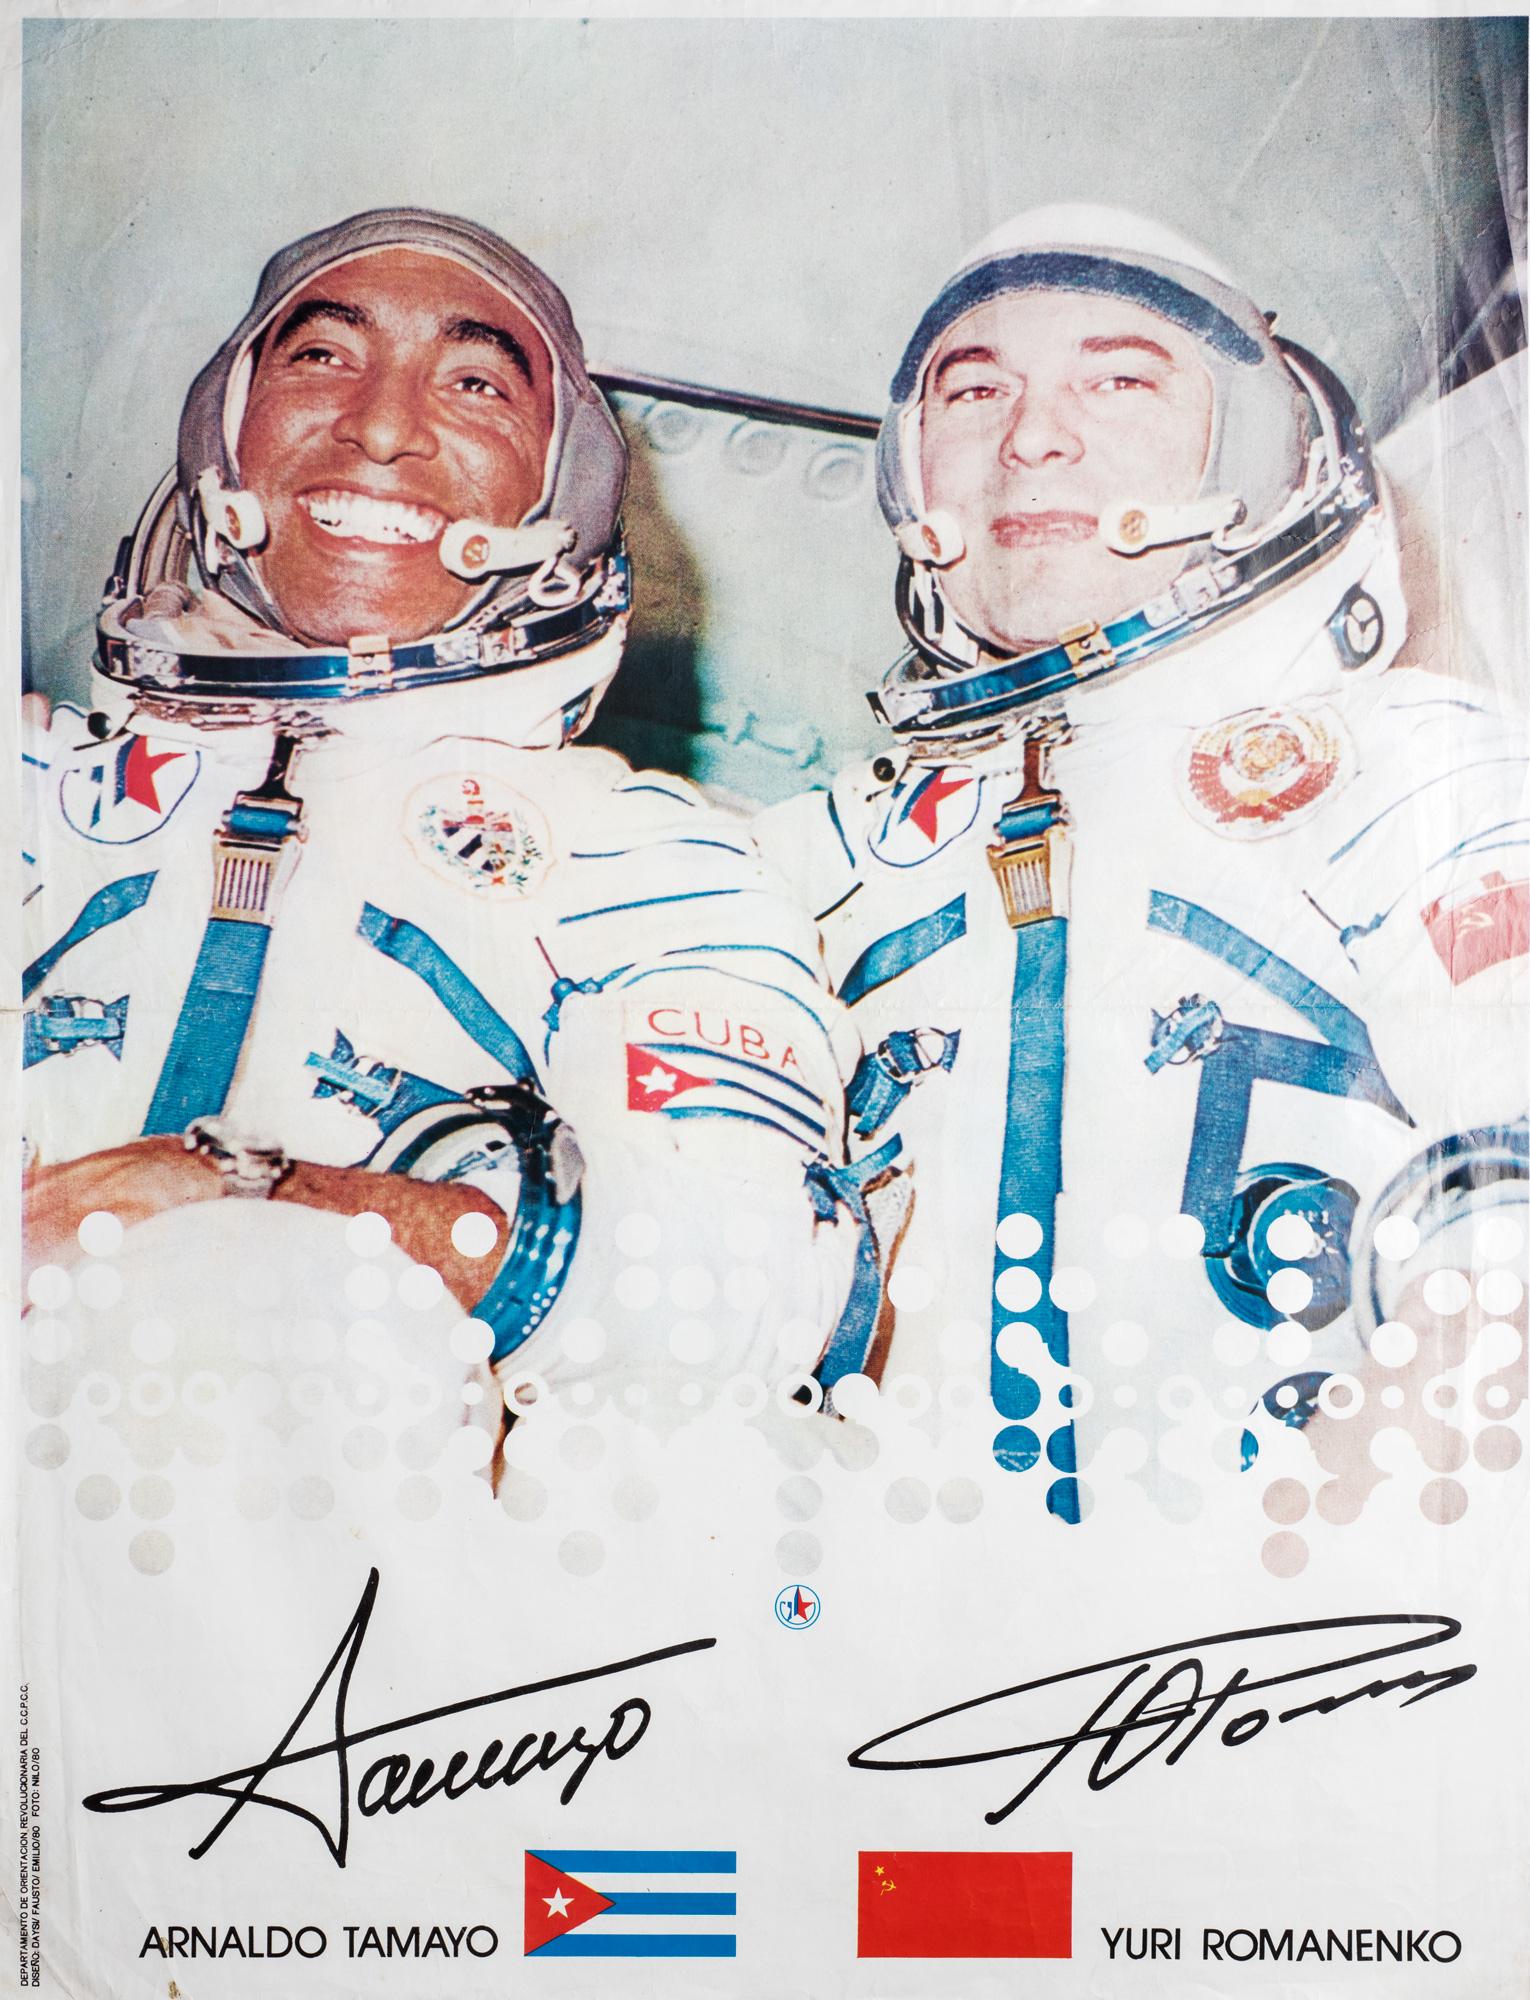 Primer vuelo conjunto sovietico-cubano (Arnaldo Tamayo e Yuri Romanenko)